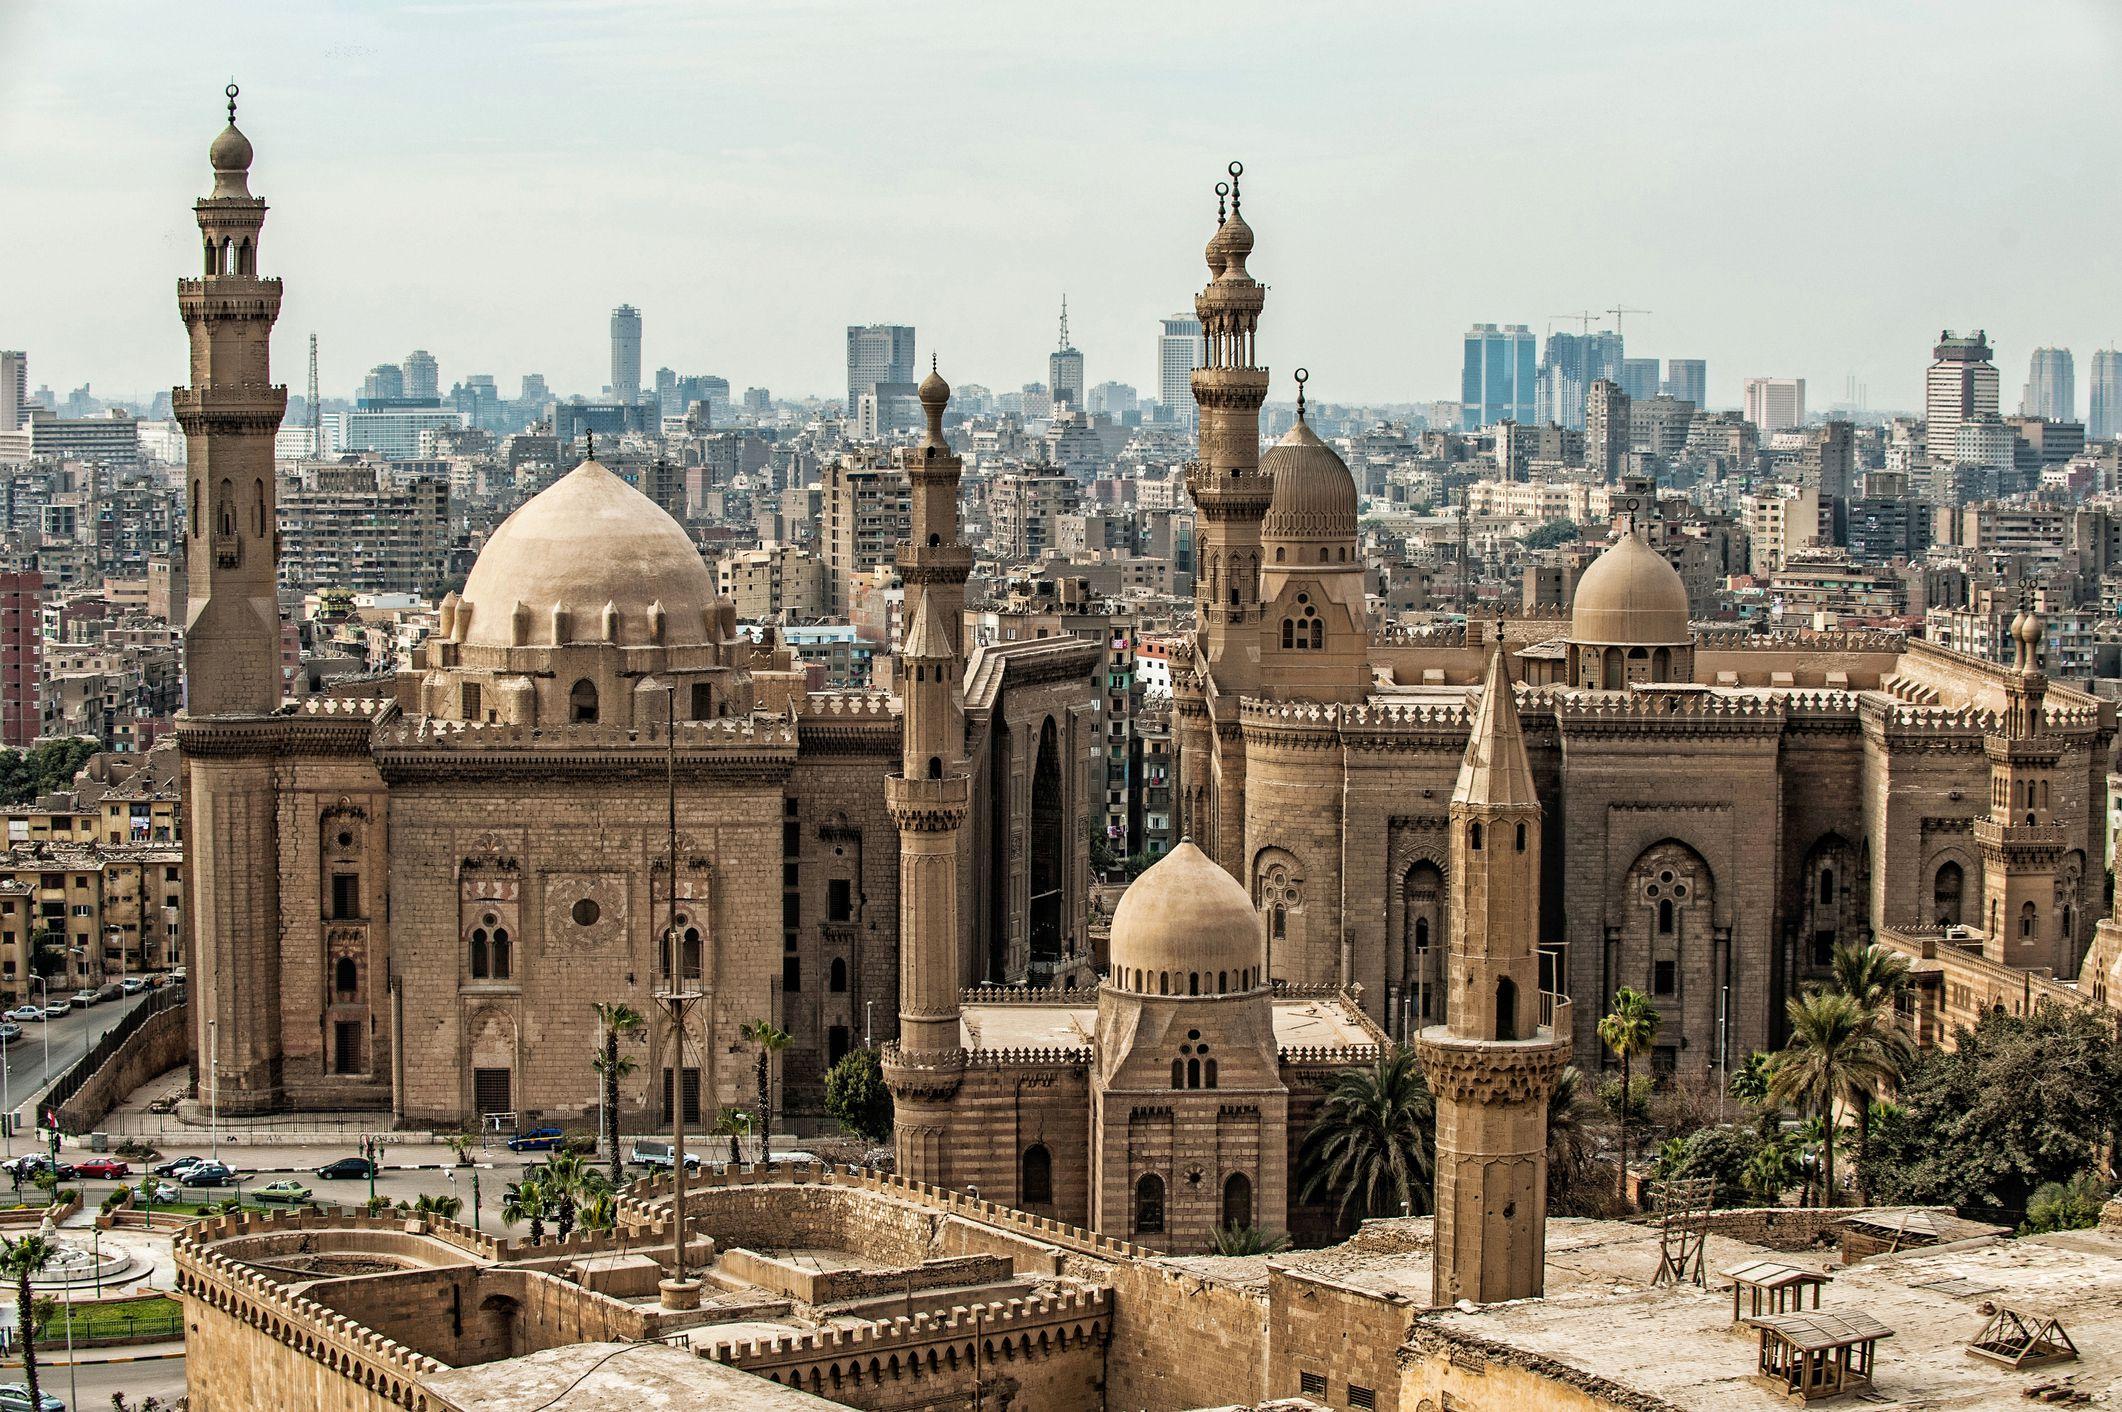 Vista de la ciudadela de El Cairo, Egipto